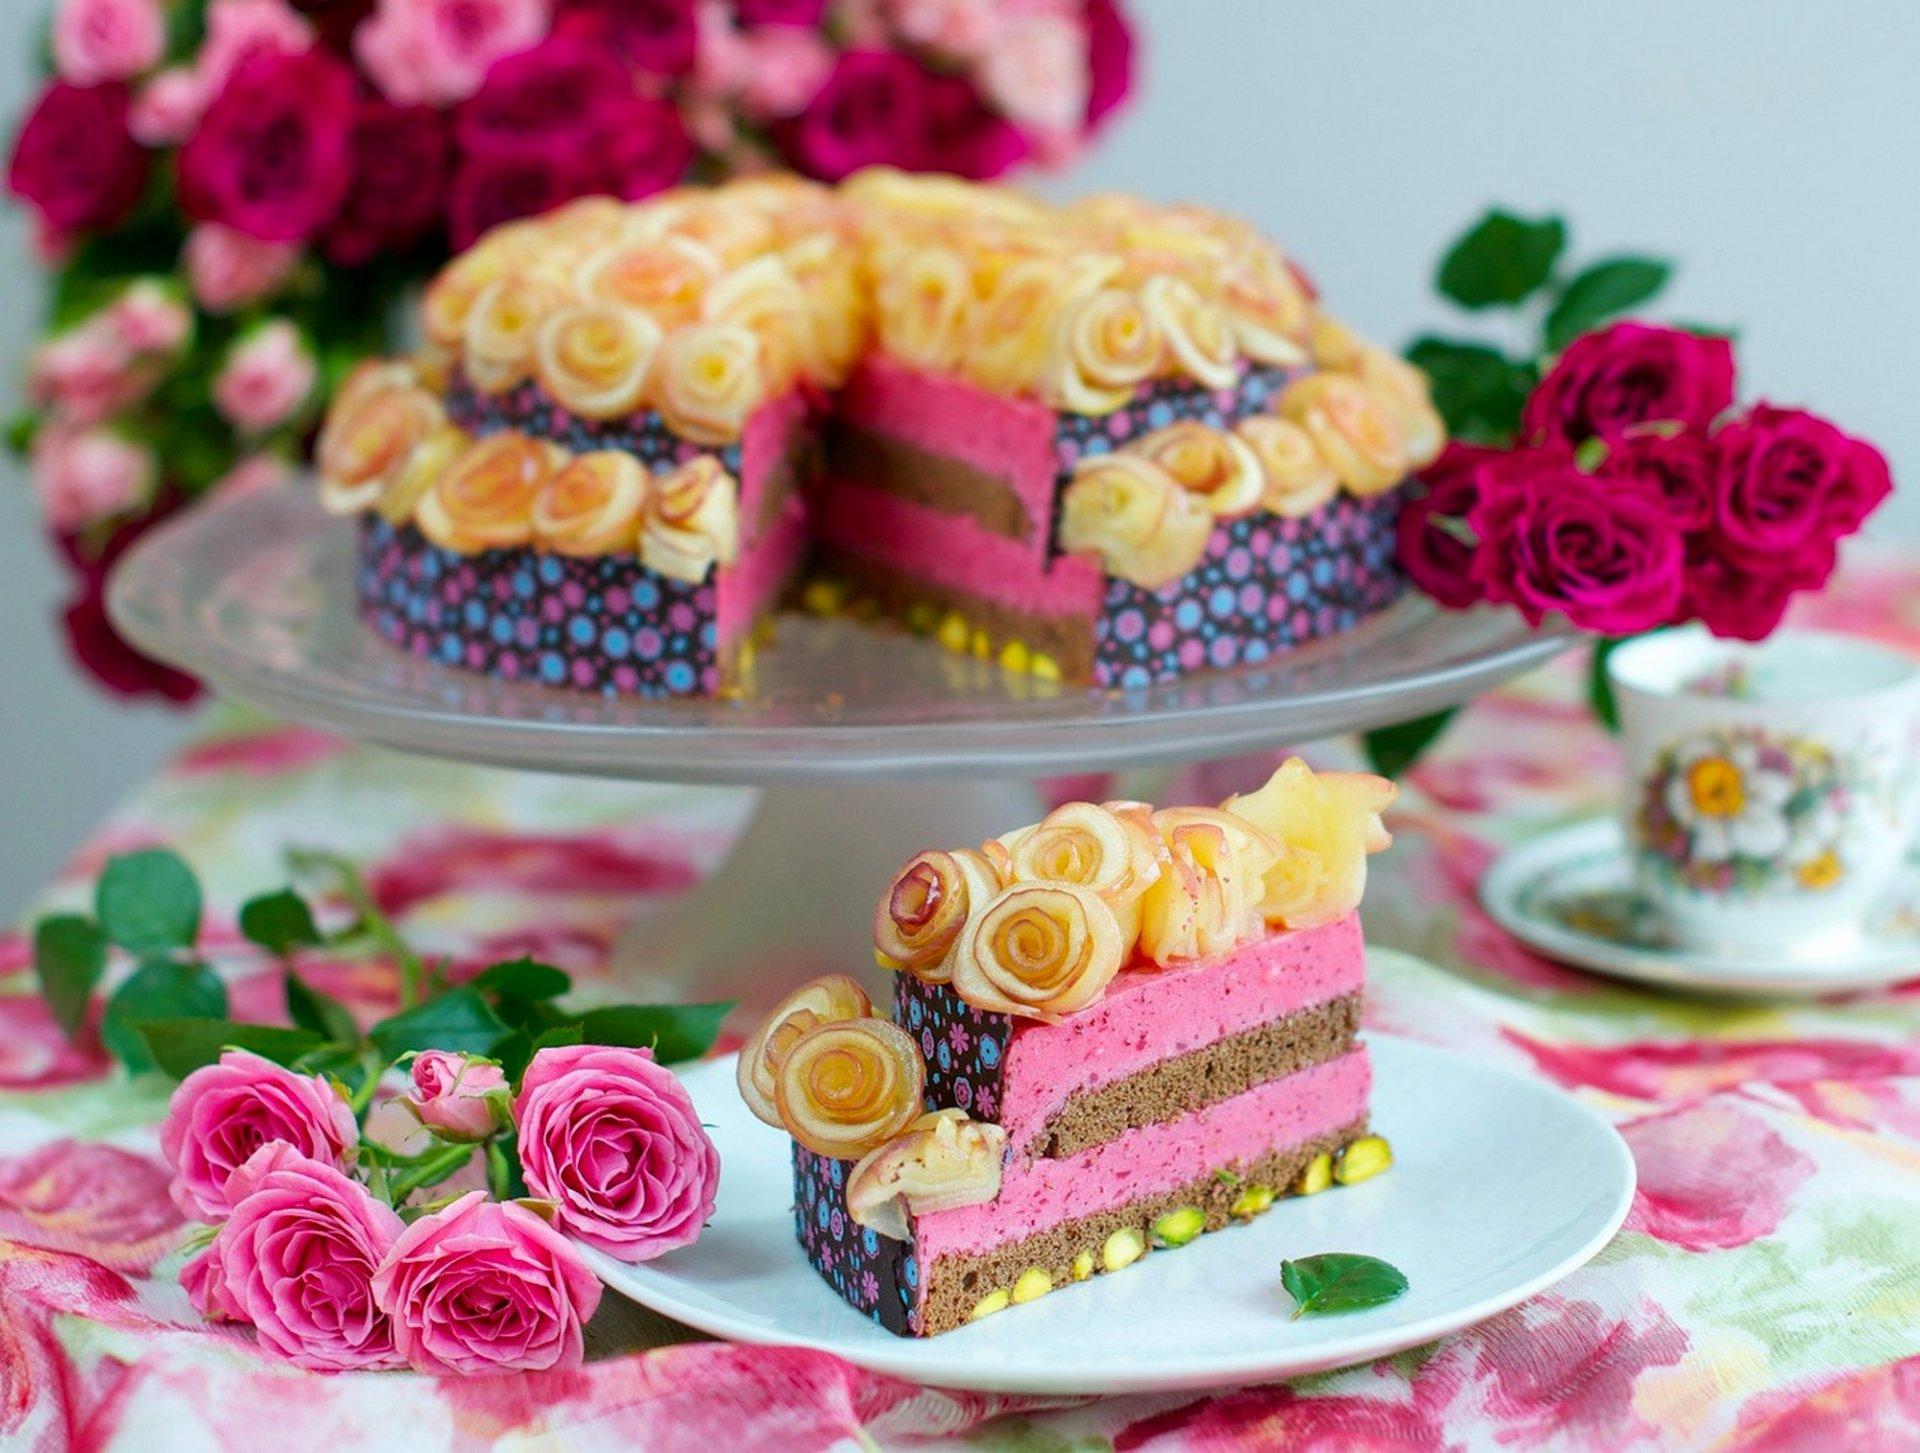 Надписью, открытки с днем рождения женщине красивые торт и цветы